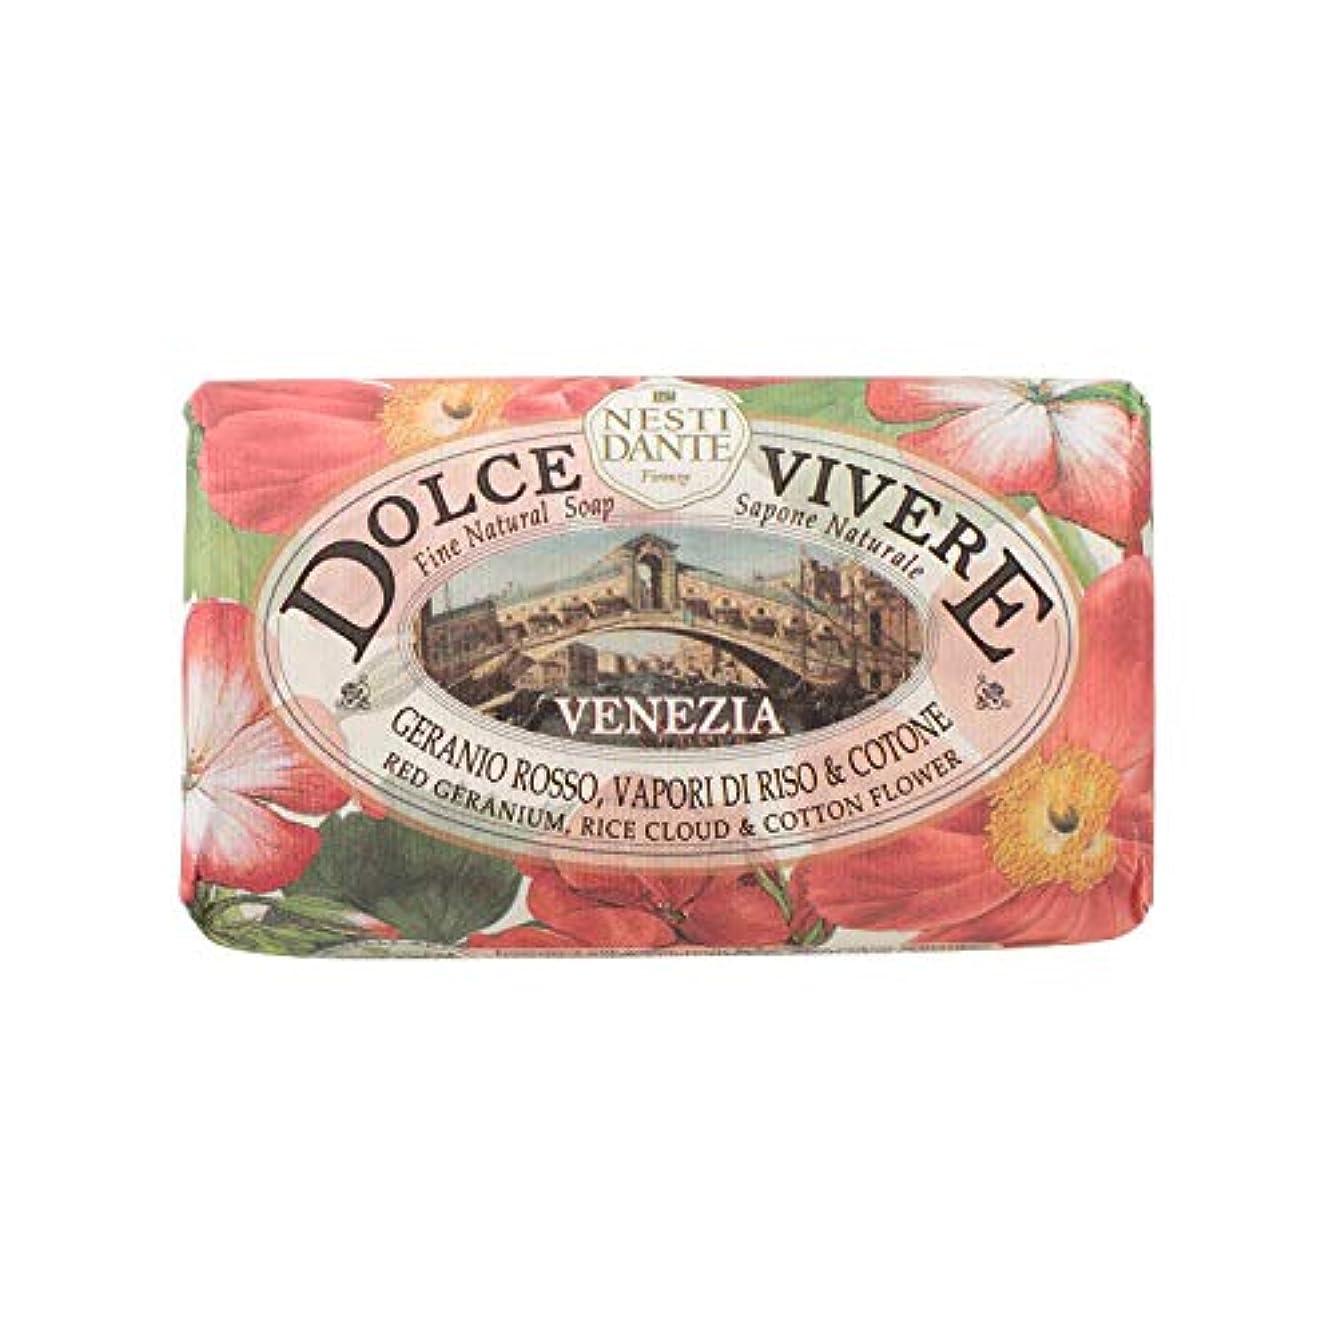 要塞娘熱望するNesti Dante ネスティダンテ ドルチェヴィーベレソープ ヴェネツィア 250g